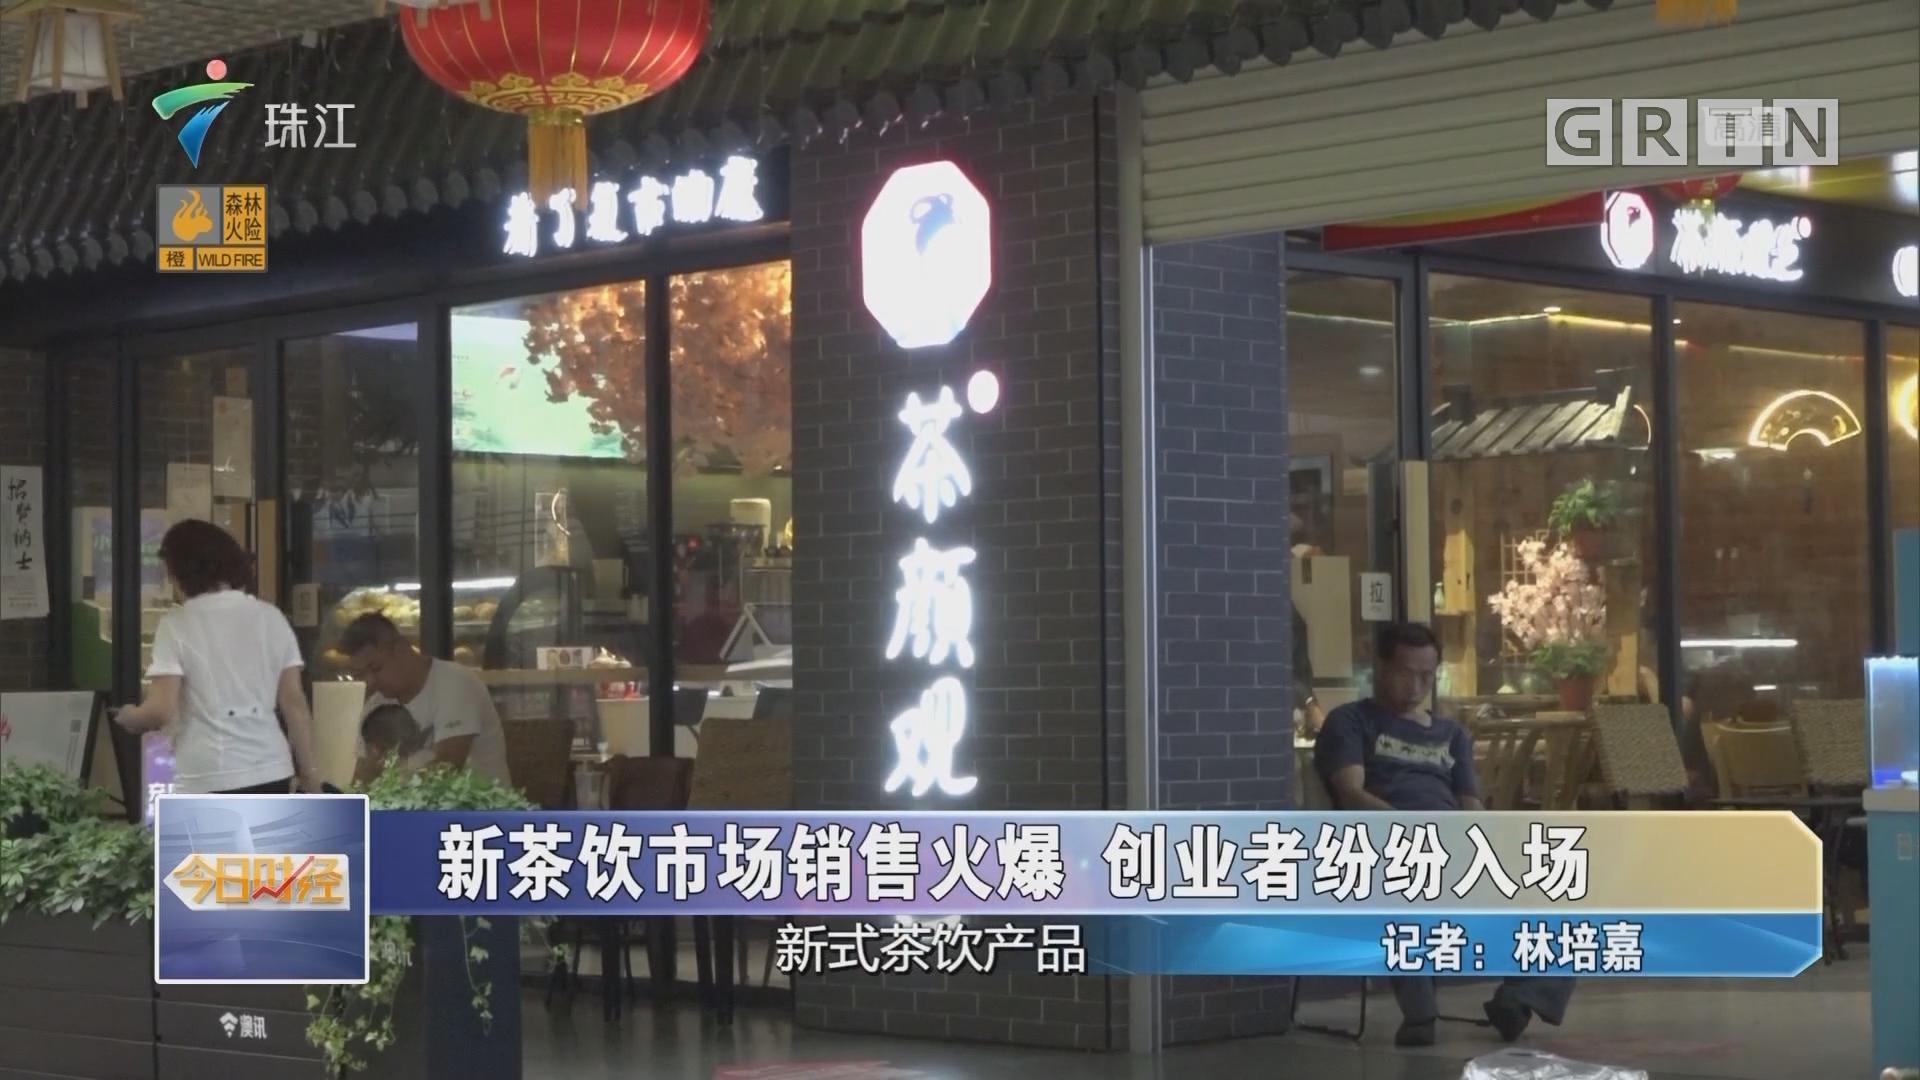 新茶饮市场销售火爆 创业者纷纷入场